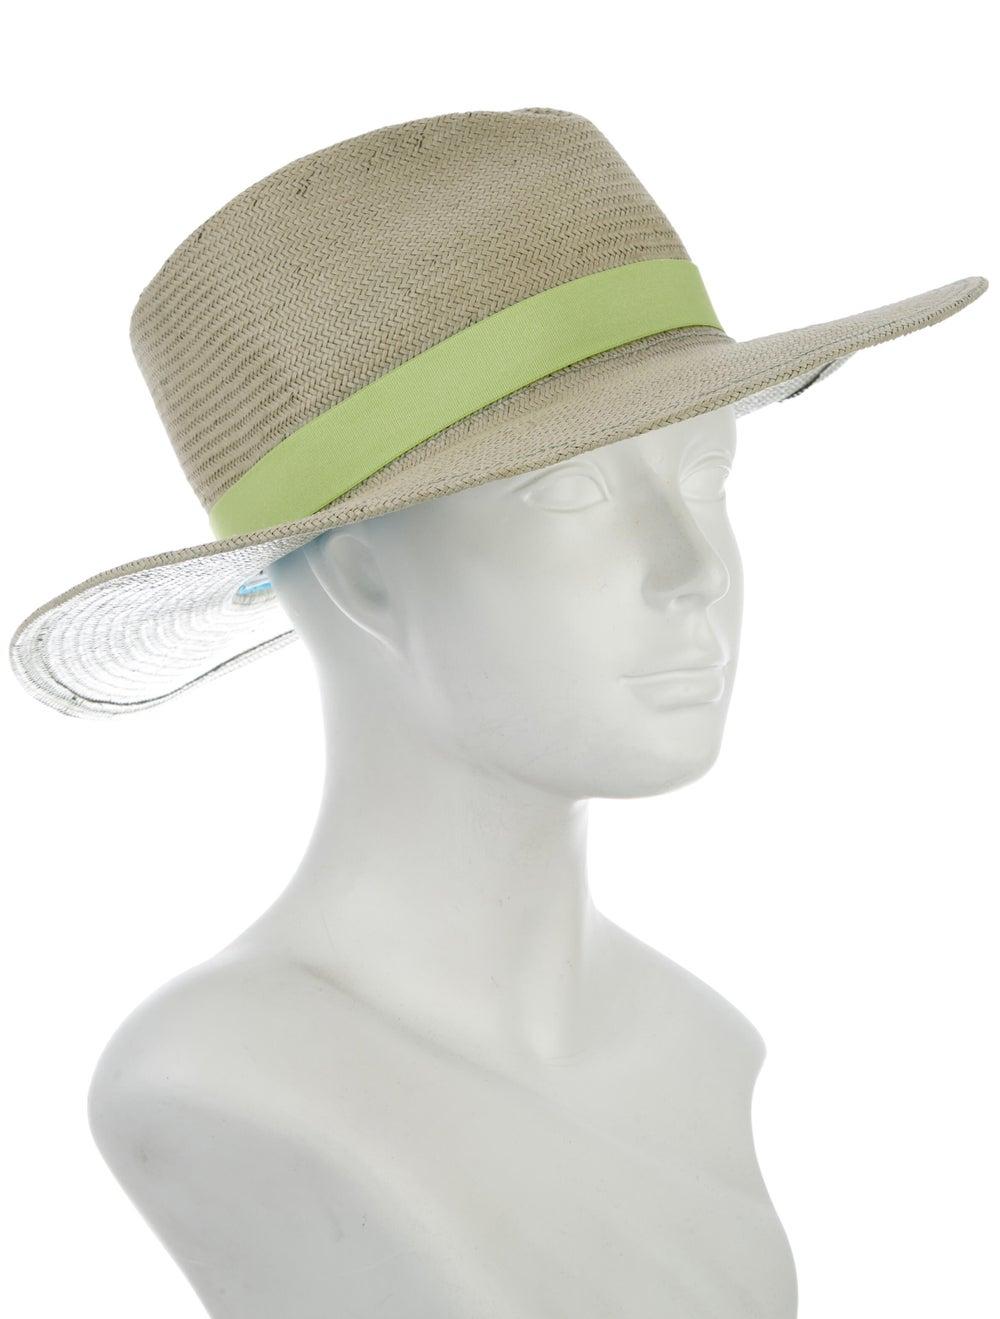 Yestadt Millinery Straw wide-brim Hat - image 3